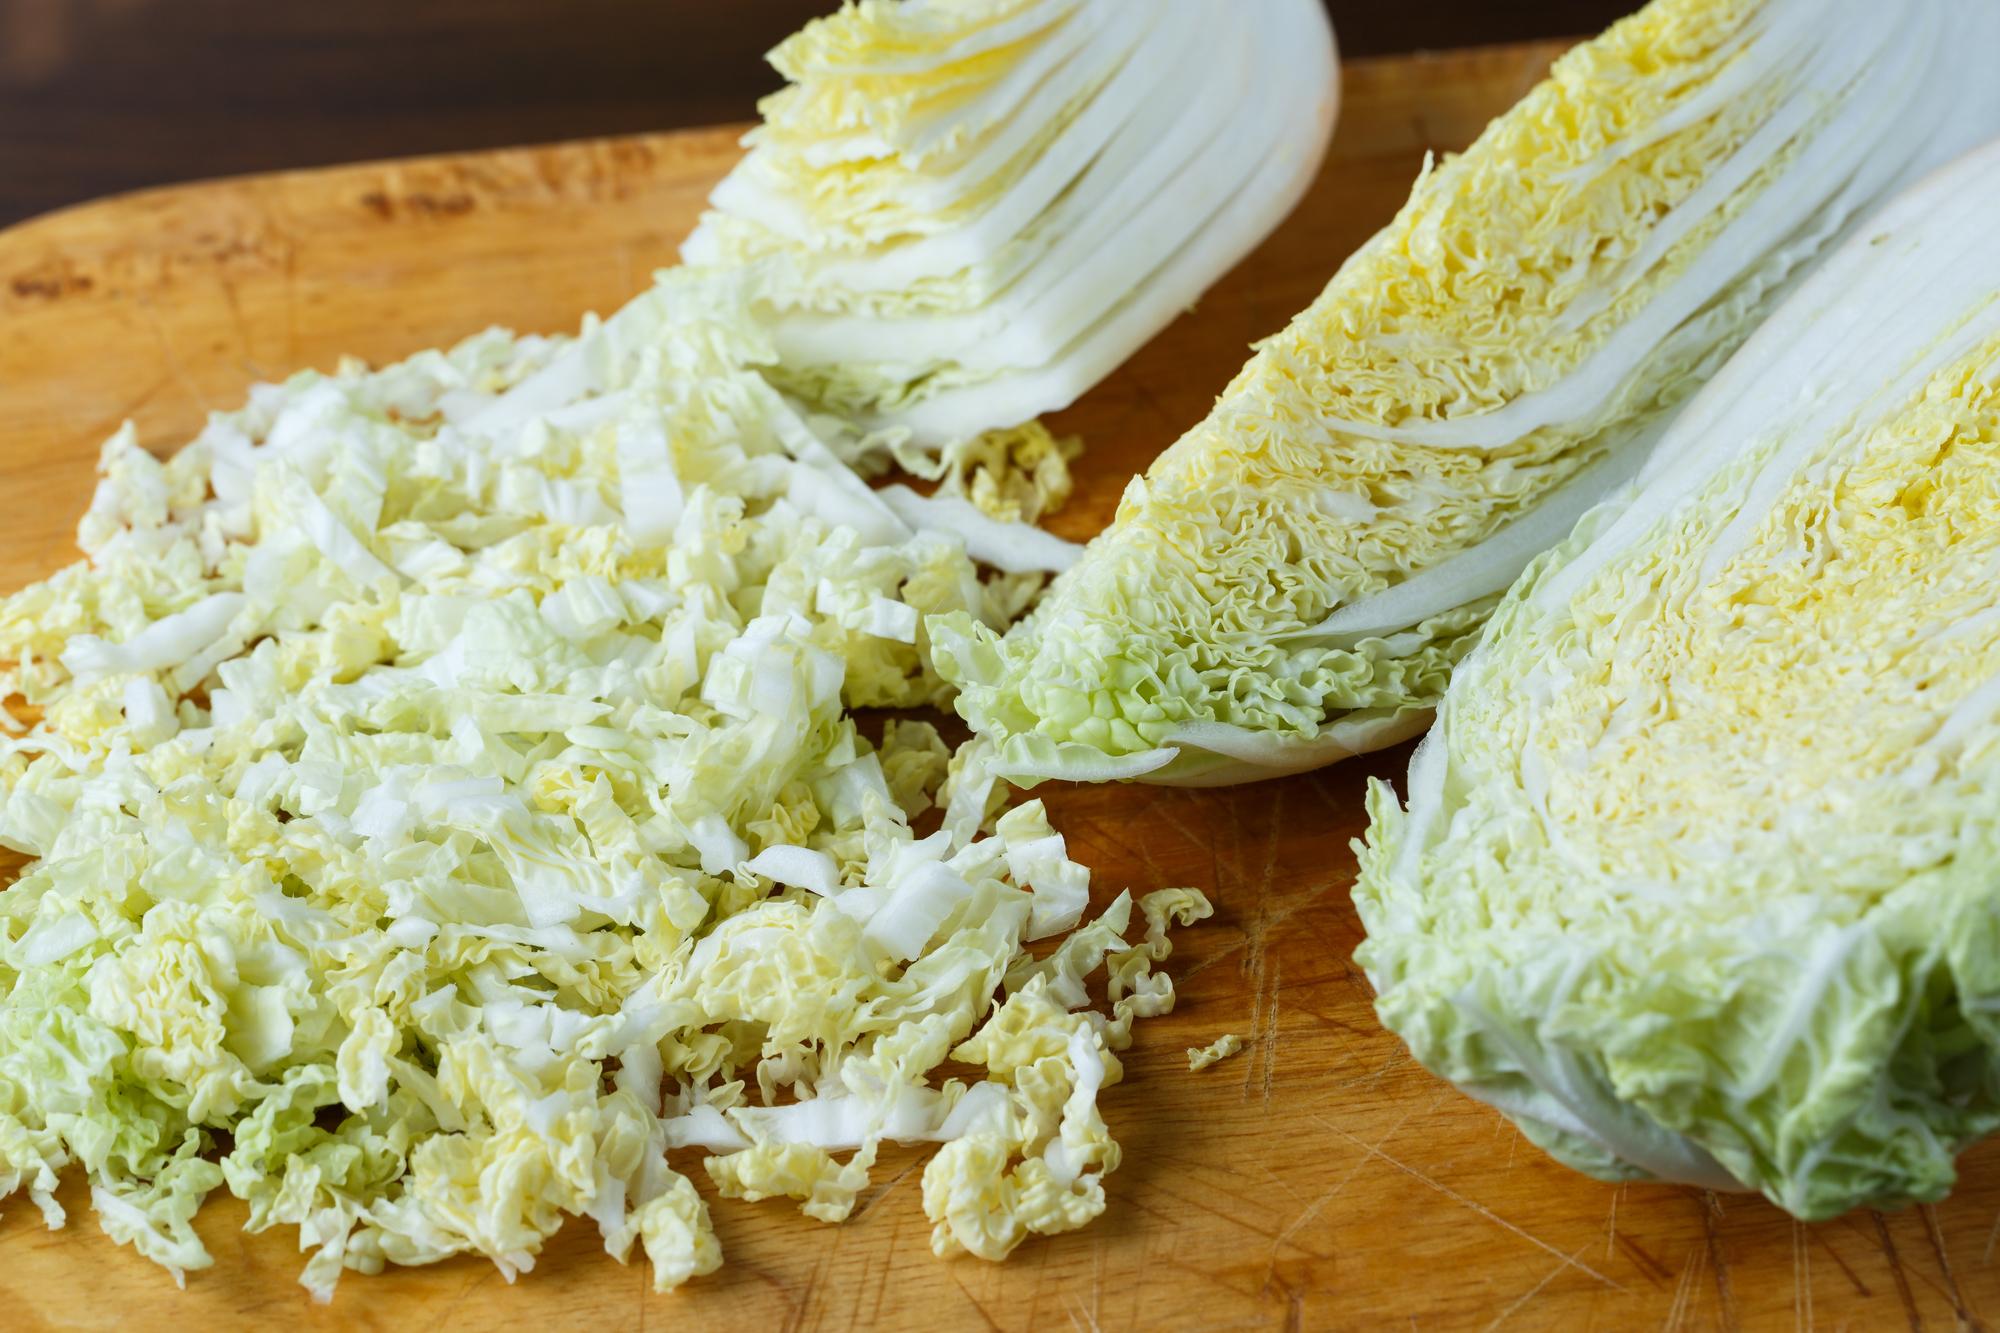 【簡単おいしい鍋料理】白菜を千切り、塩で漬けて発酵させて…『dancyu』編集長が伝授!